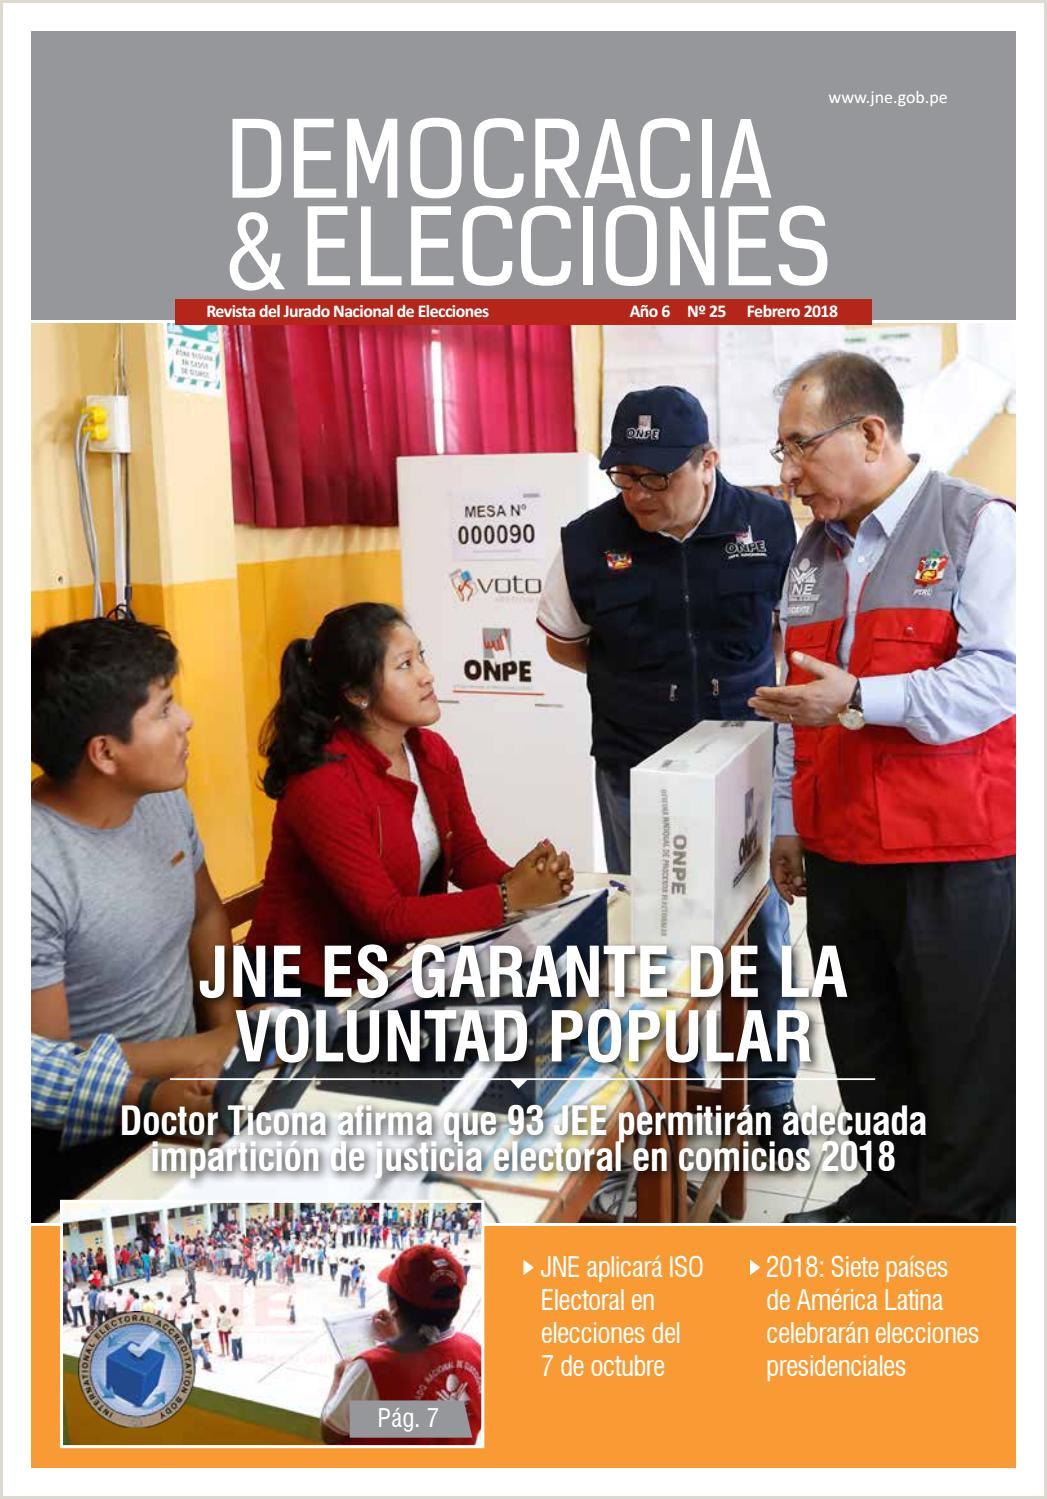 Formato Hoja De Vida Jne 2018 Descargar Democracia & Elecciones N° 25 by Jurado Nacional De